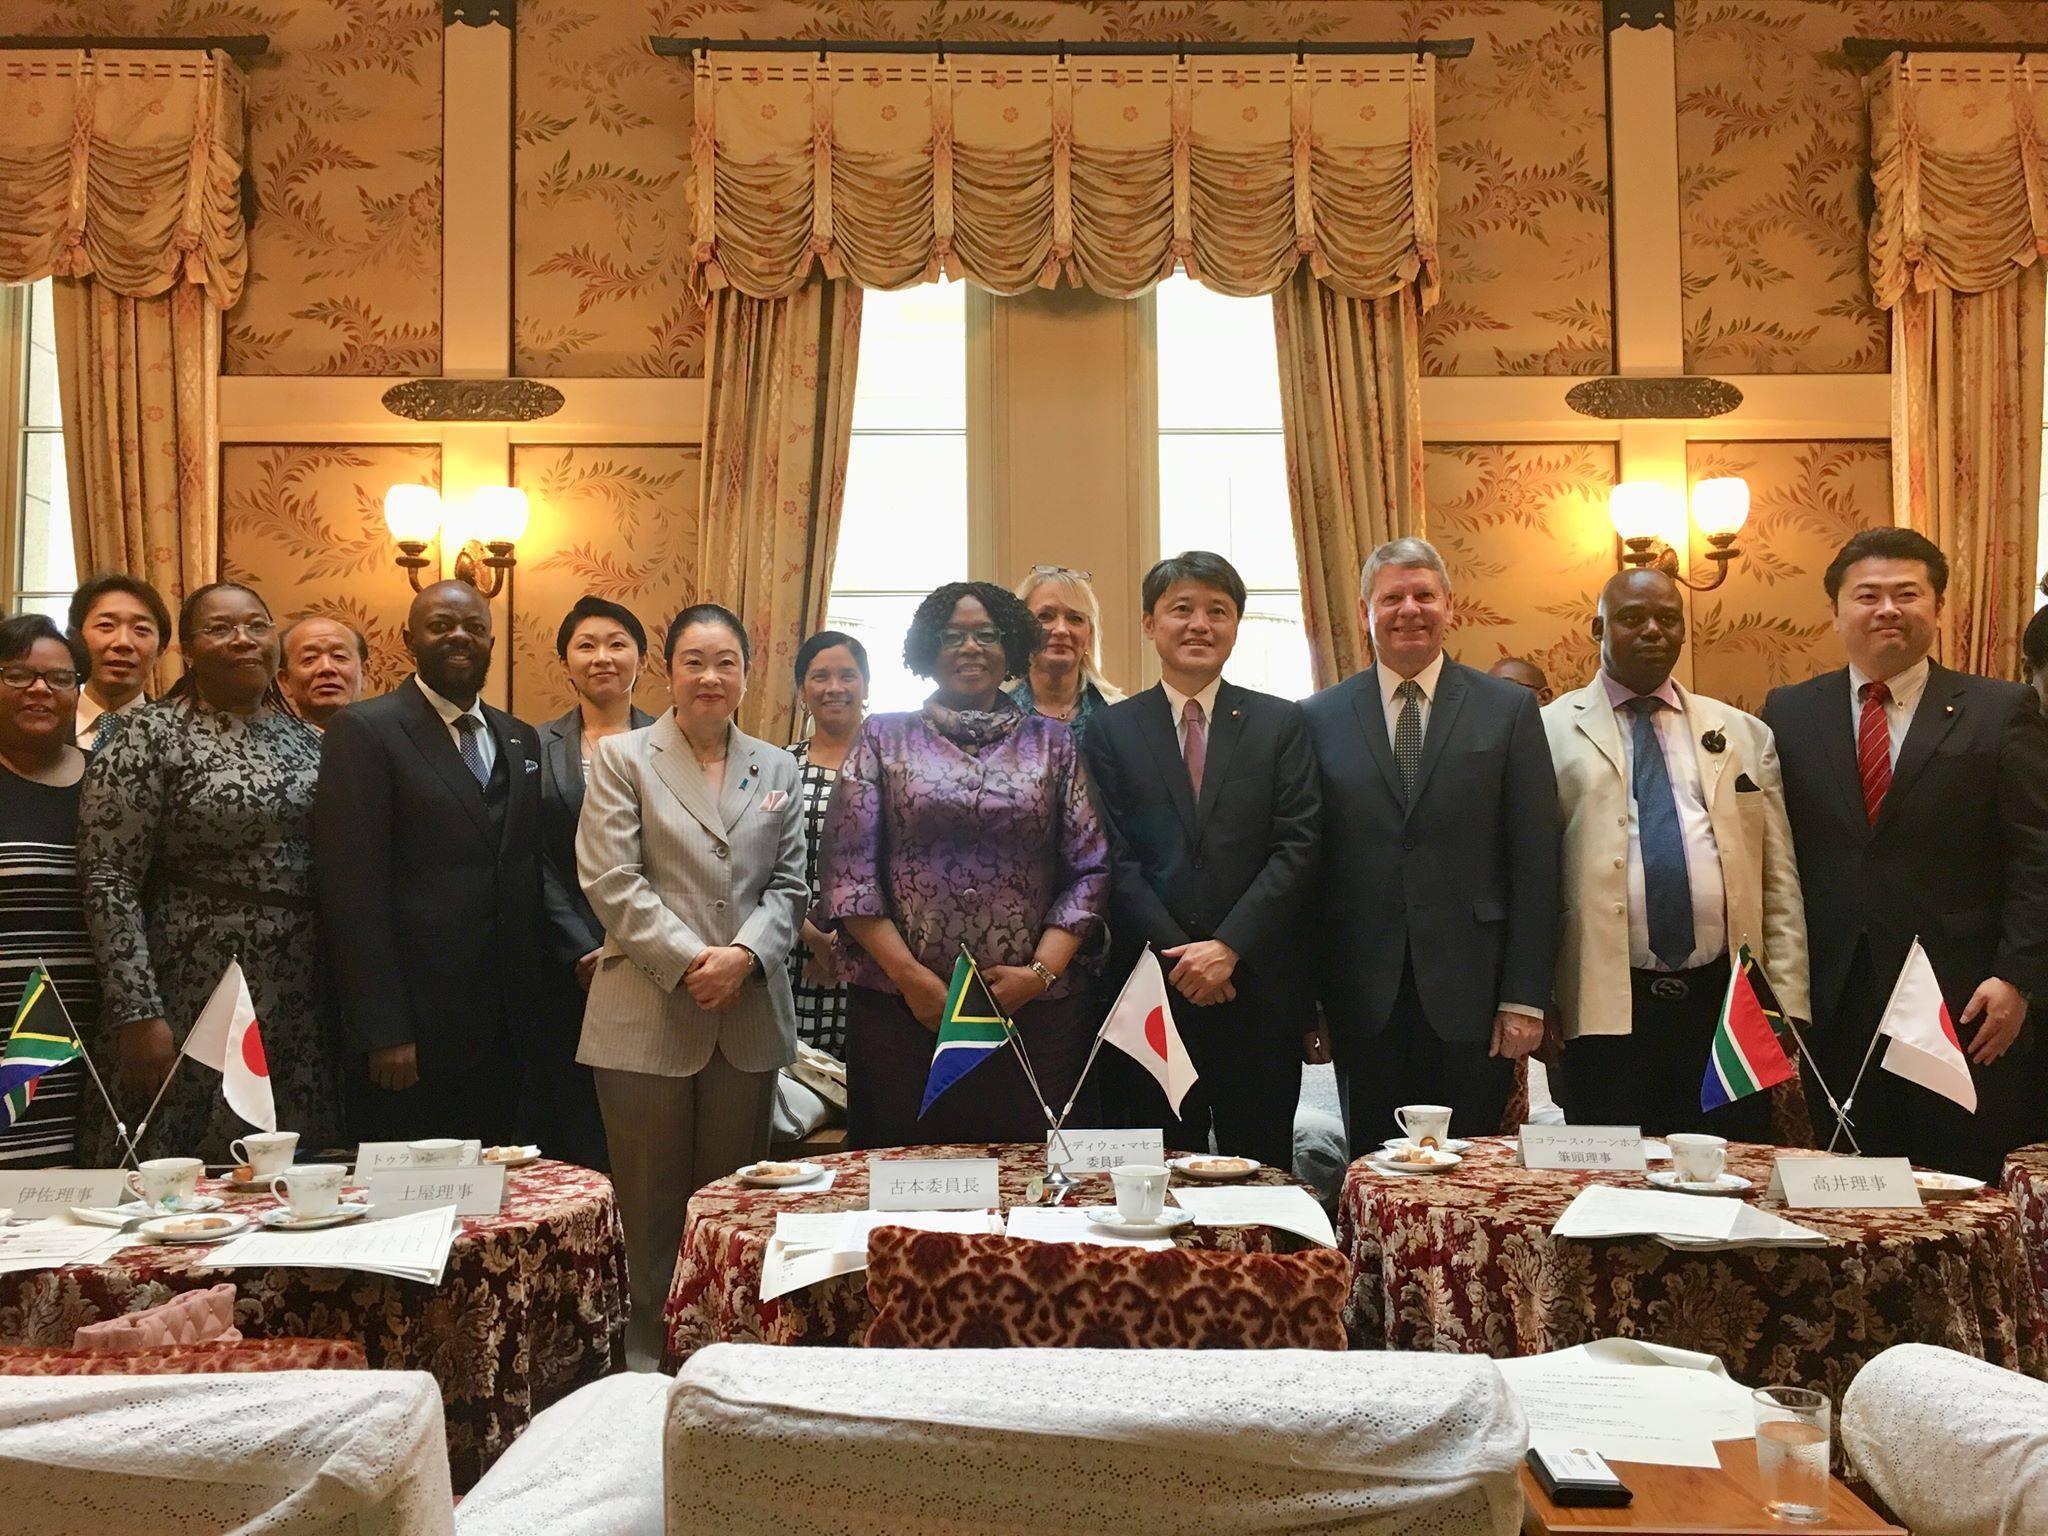 南アフリカ共和国の国会議員(科学技術委員会)14名が来訪され、衆議院科学技術・イノベーション特別委員会理事メンバーと意見交換を行いました。